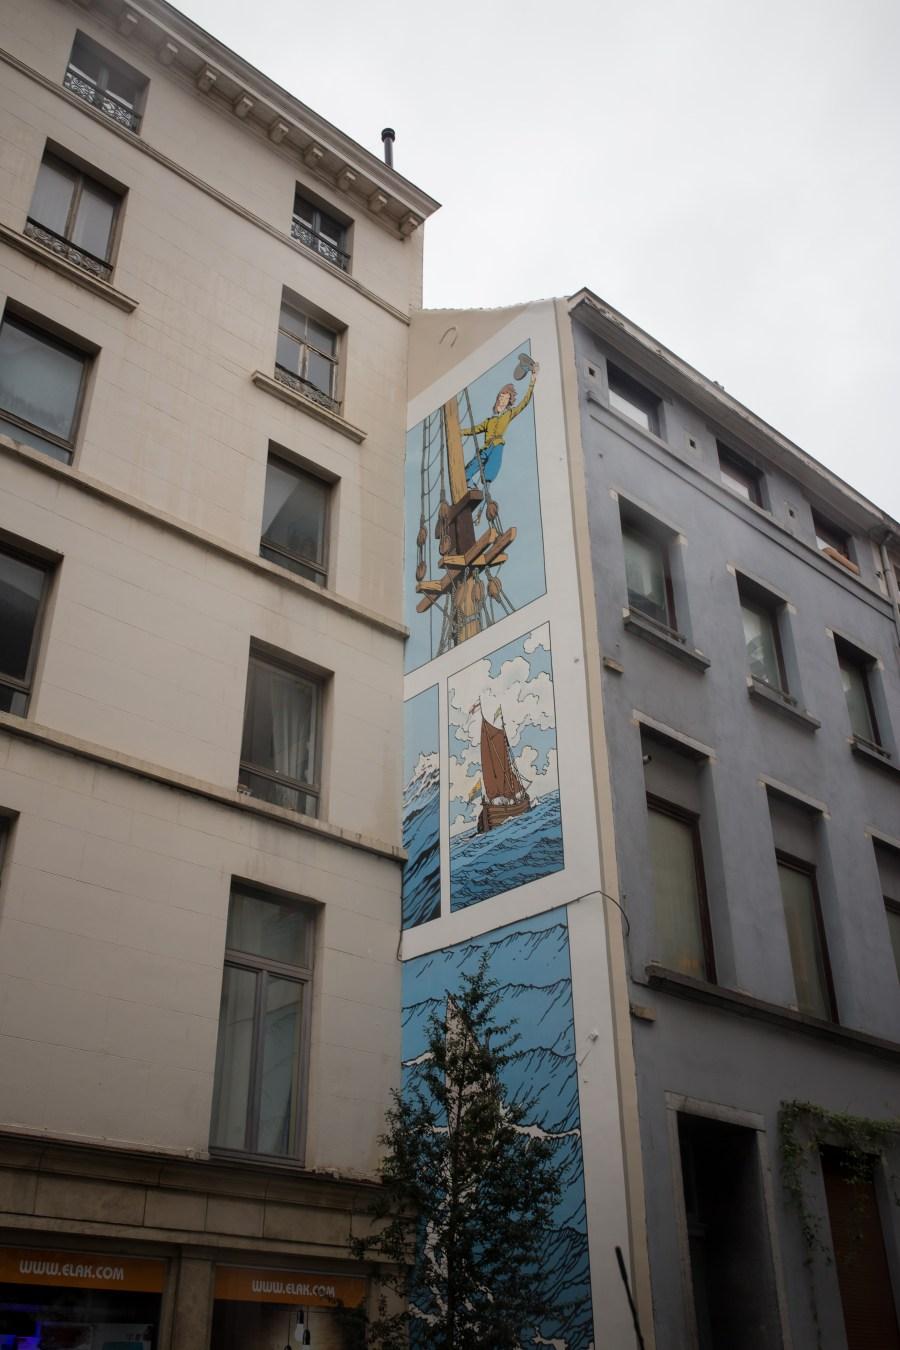 Bruxelles-belgique-fresque-bande dessinée